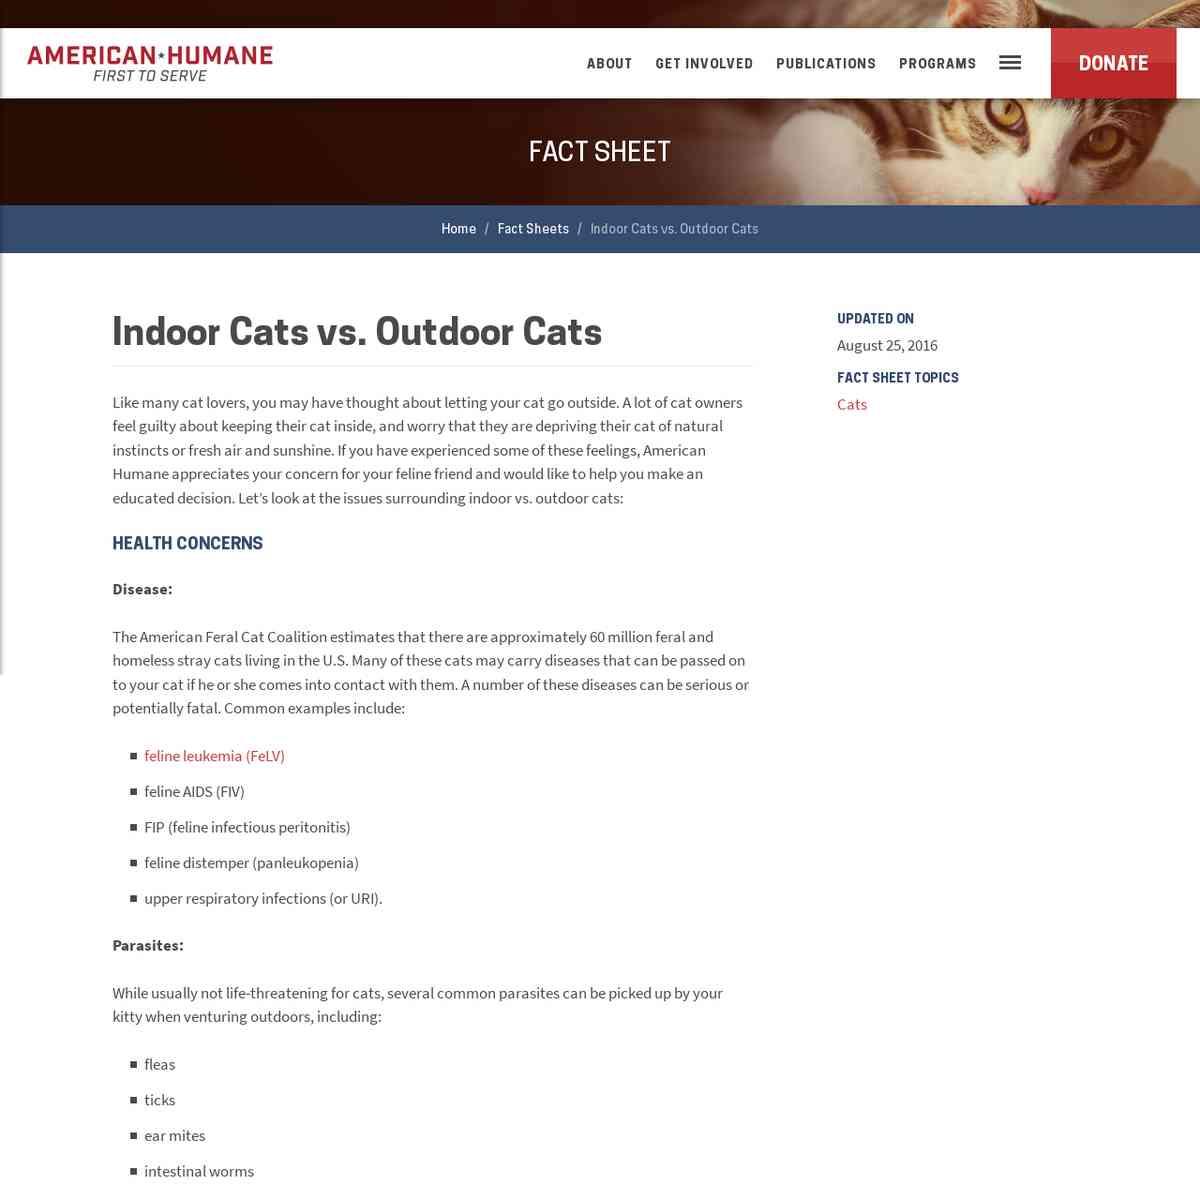 Indoor Cats vs. Outdoor Cats